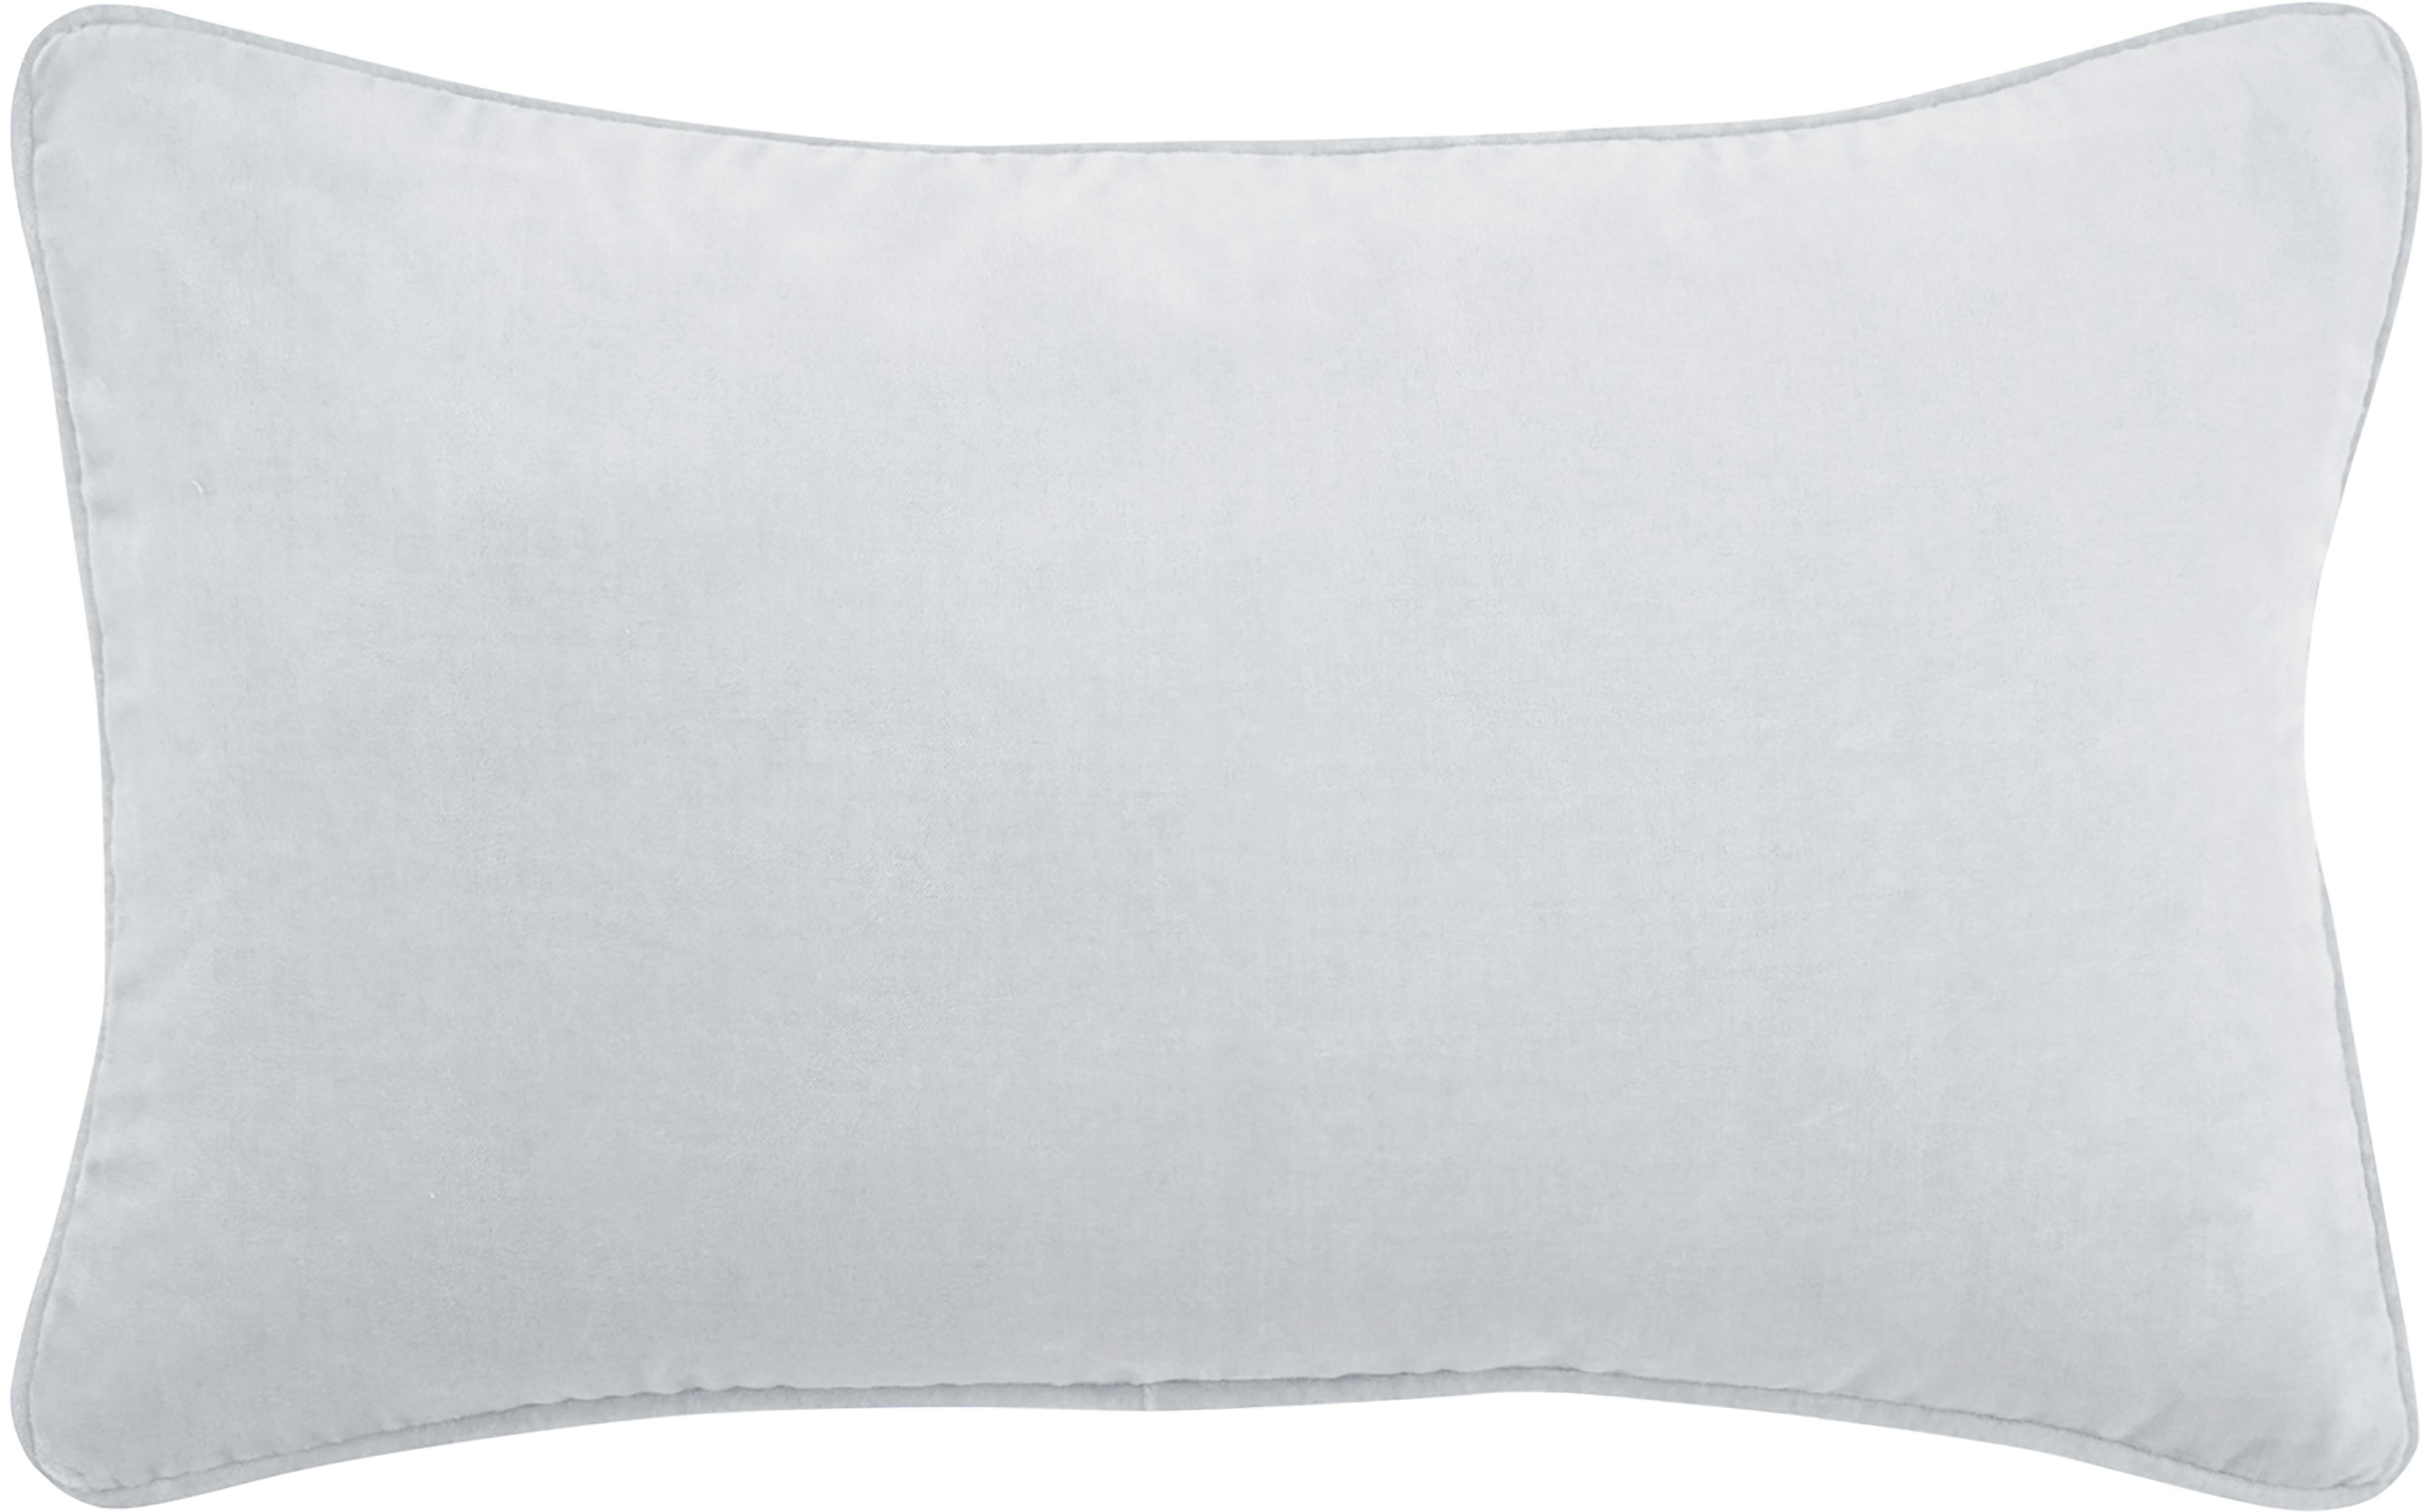 Einfarbige Samt-Kissenhülle Dana in Hellgrau, 100% Baumwollsamt, Hellgrau, 30 x 50 cm